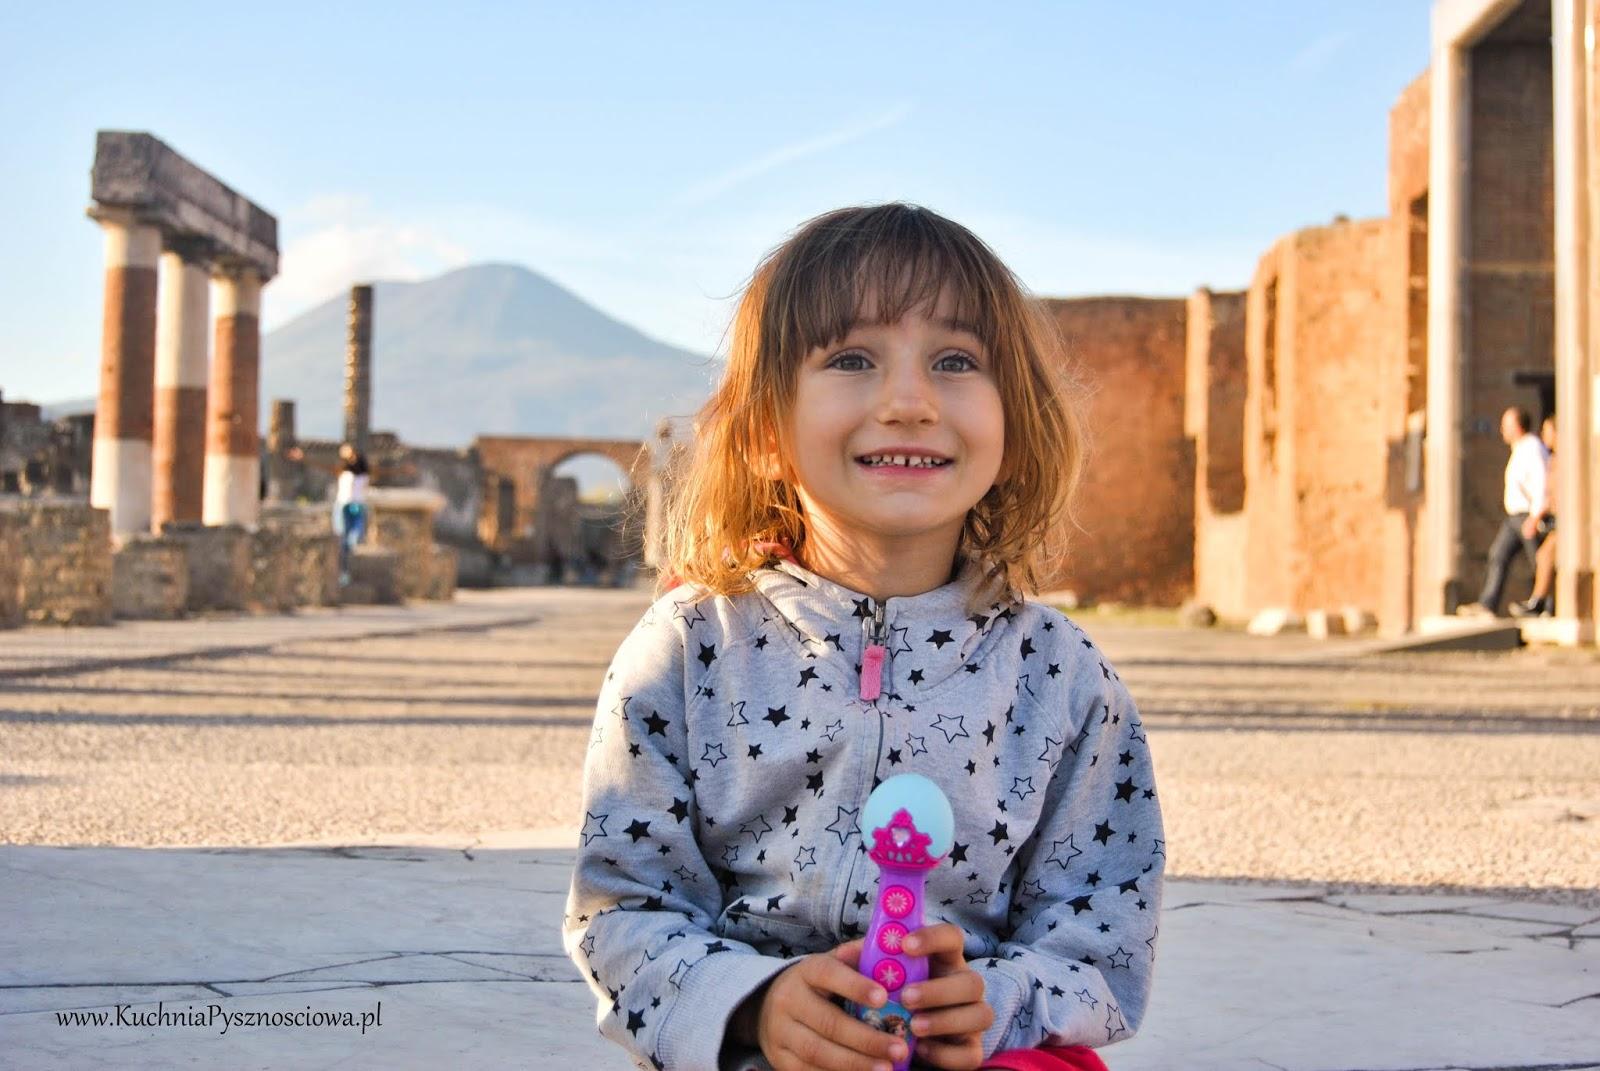 Neapol, czyli stolica pizzy z dzieckiem, co zwiedzać i jak przeżyć w tłumie turystów